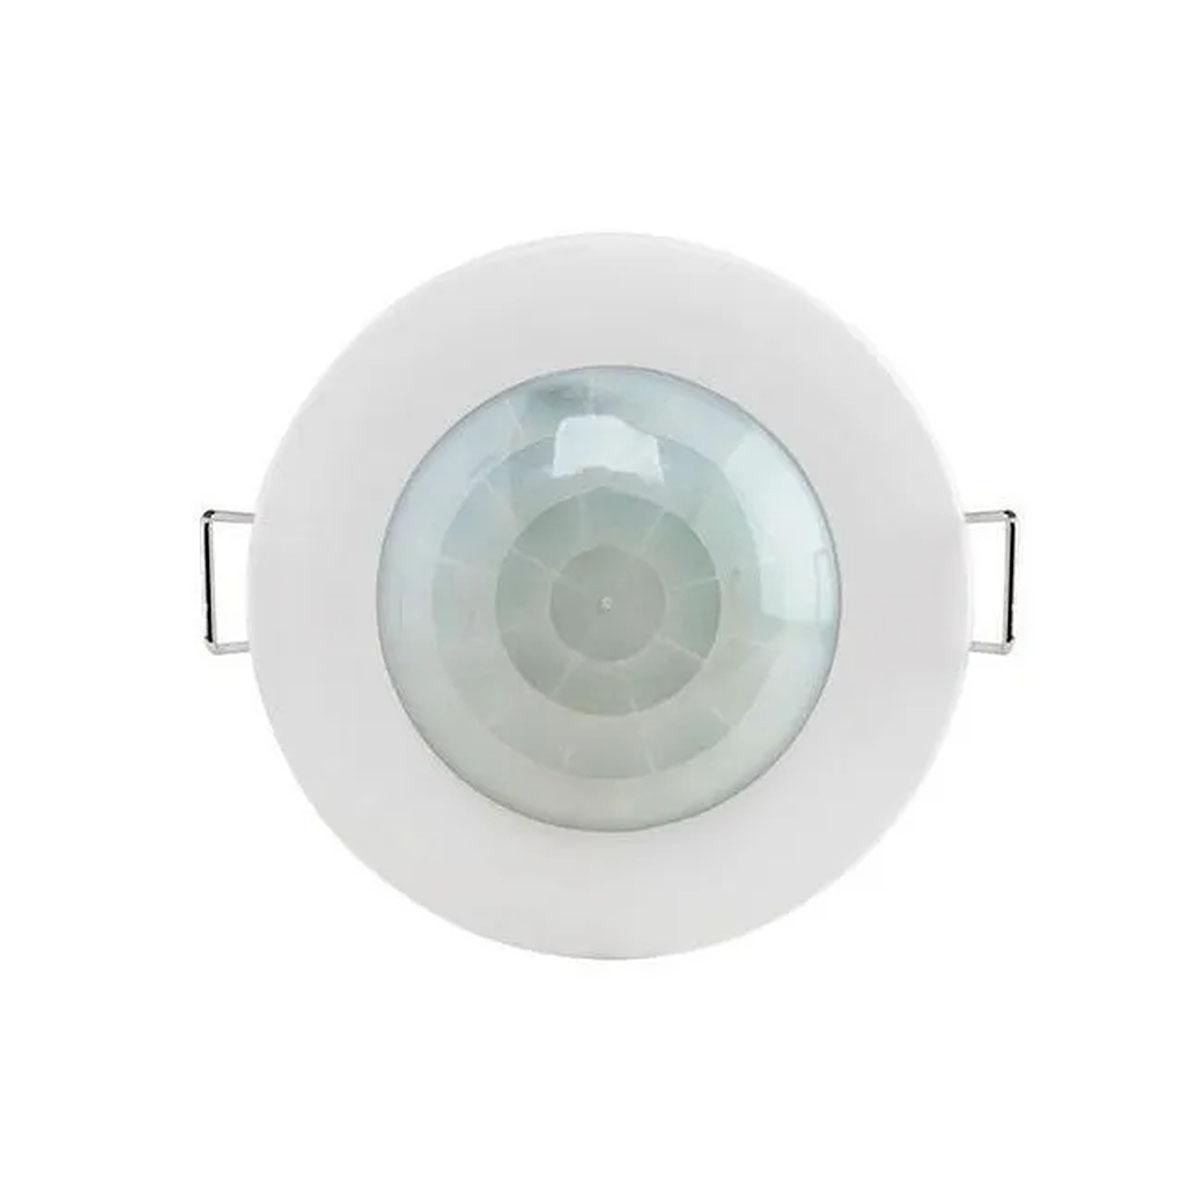 Kit 02 Interruptor Intelbras Presença e Iluminação Esp 360 E